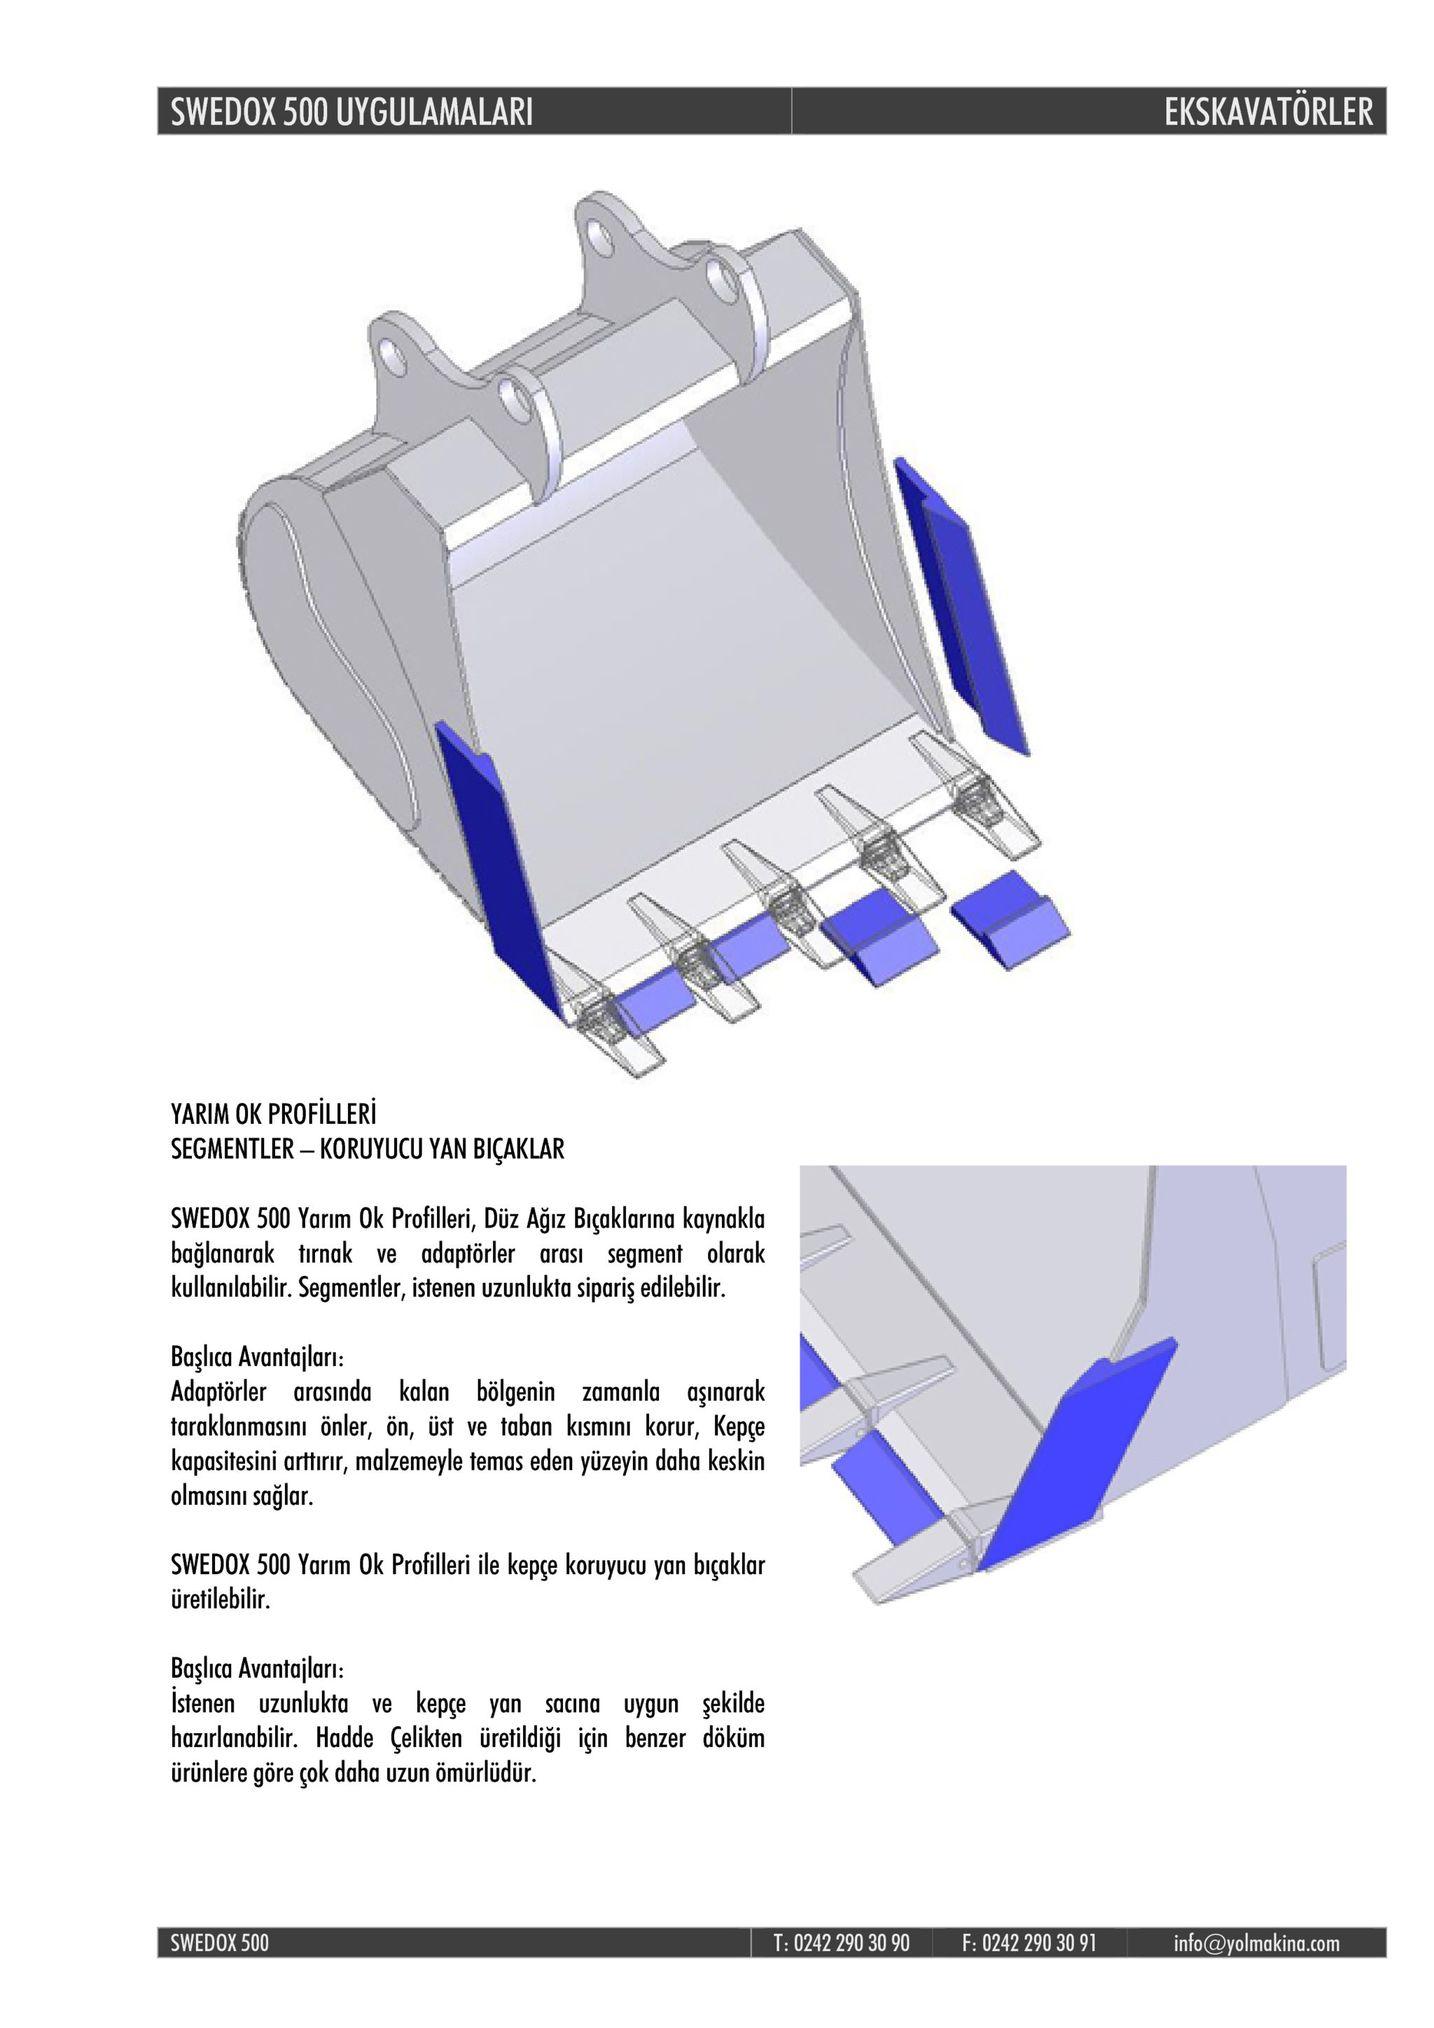 swedox 500 uygulamalar ekskavatorler yarim ok profilleri segmentler - koruyucu yan biçaklar swedox 500 yarım ok profilleri, düz agiz biçaklarina kaynakla bağlanarak tırnak ve adaptörler arası segment olarak kullanılabilir. segmentler, istenen uzunlukta sipariş edilebilir. başlca avantajlari: adaptörler arasında kalan bölgenin zamanla aşınarak taraklanmasını önler, ön, üst ve taban kısmını korur, kepre kapasitesini arttirir, malzemeyle temas eden yüzeyin daha keskin olmasini sağlar. swedox 500 yarim 0k profilleri ile kepçe koruyucu yan biçaklar üretilebilir başlca avantajlari: istenen uzunlukta ve kepçe yan sacına uygun şekilde hazırlanabilir. hadde çelikten üretildiği iin benzer döküm ürünlere göre çok daha uzun ömürlüdür swedox 500 t: 0242 290 30 90 f: 0242 290 30 91 info@yolmakina.com